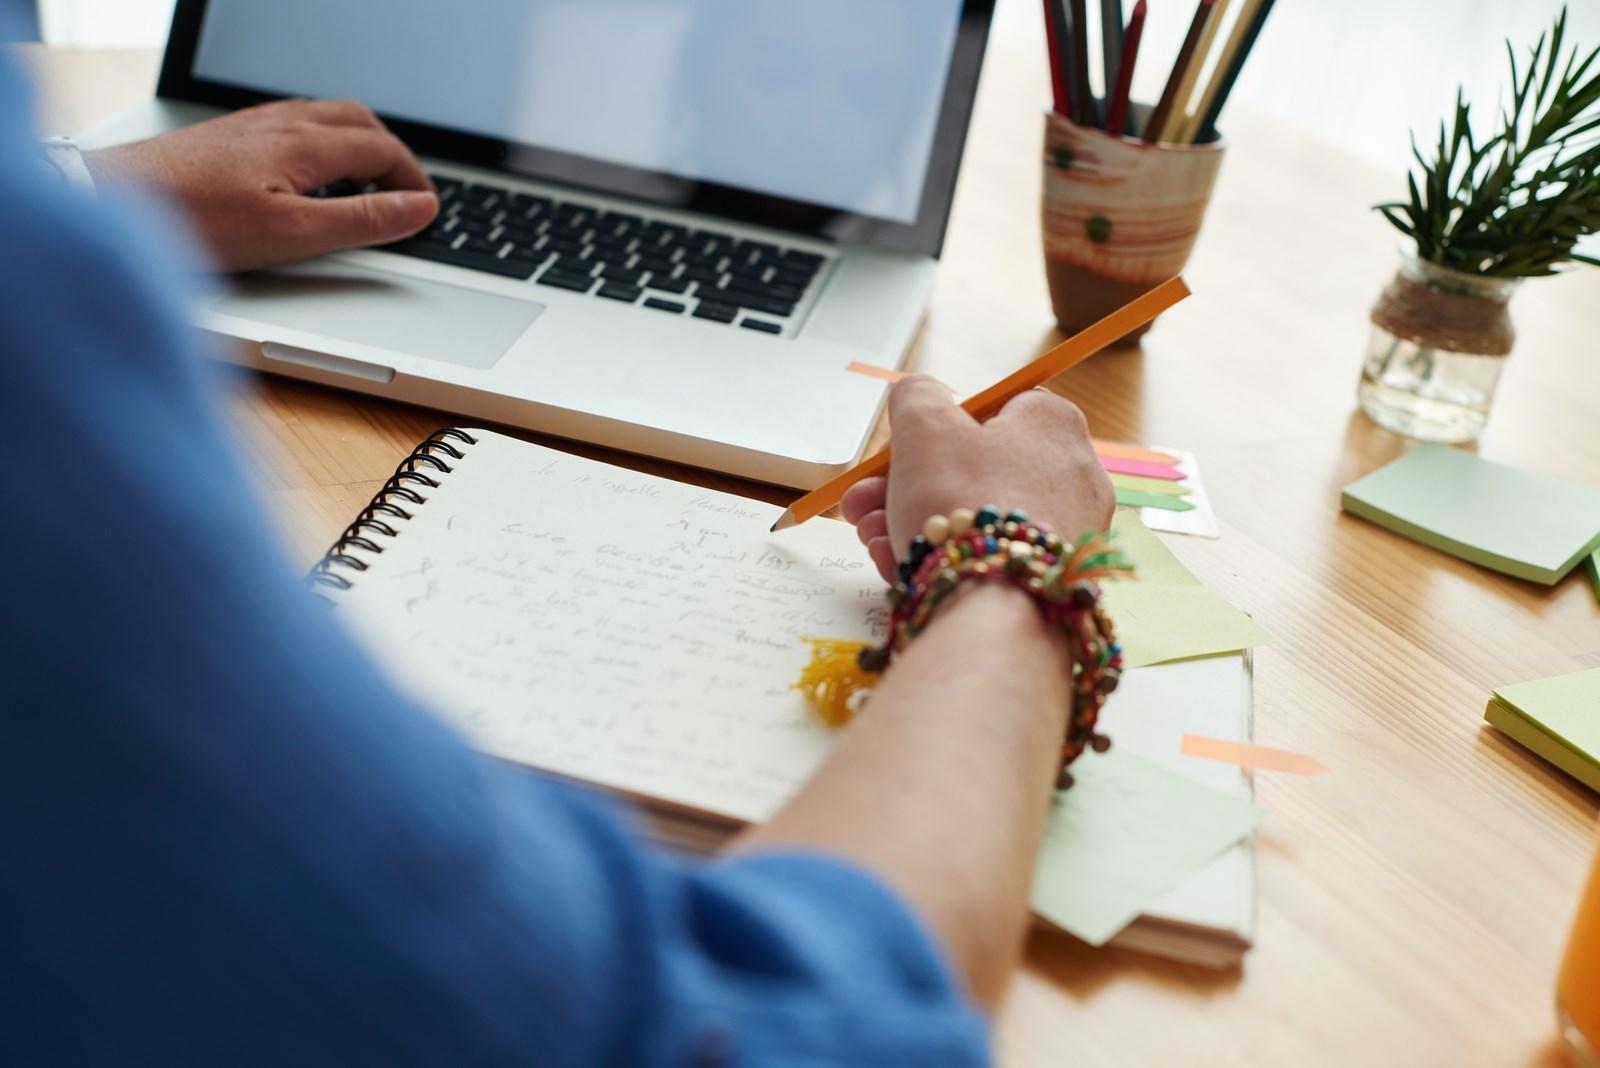 Estudante diante dun portátil e dunha libreta.